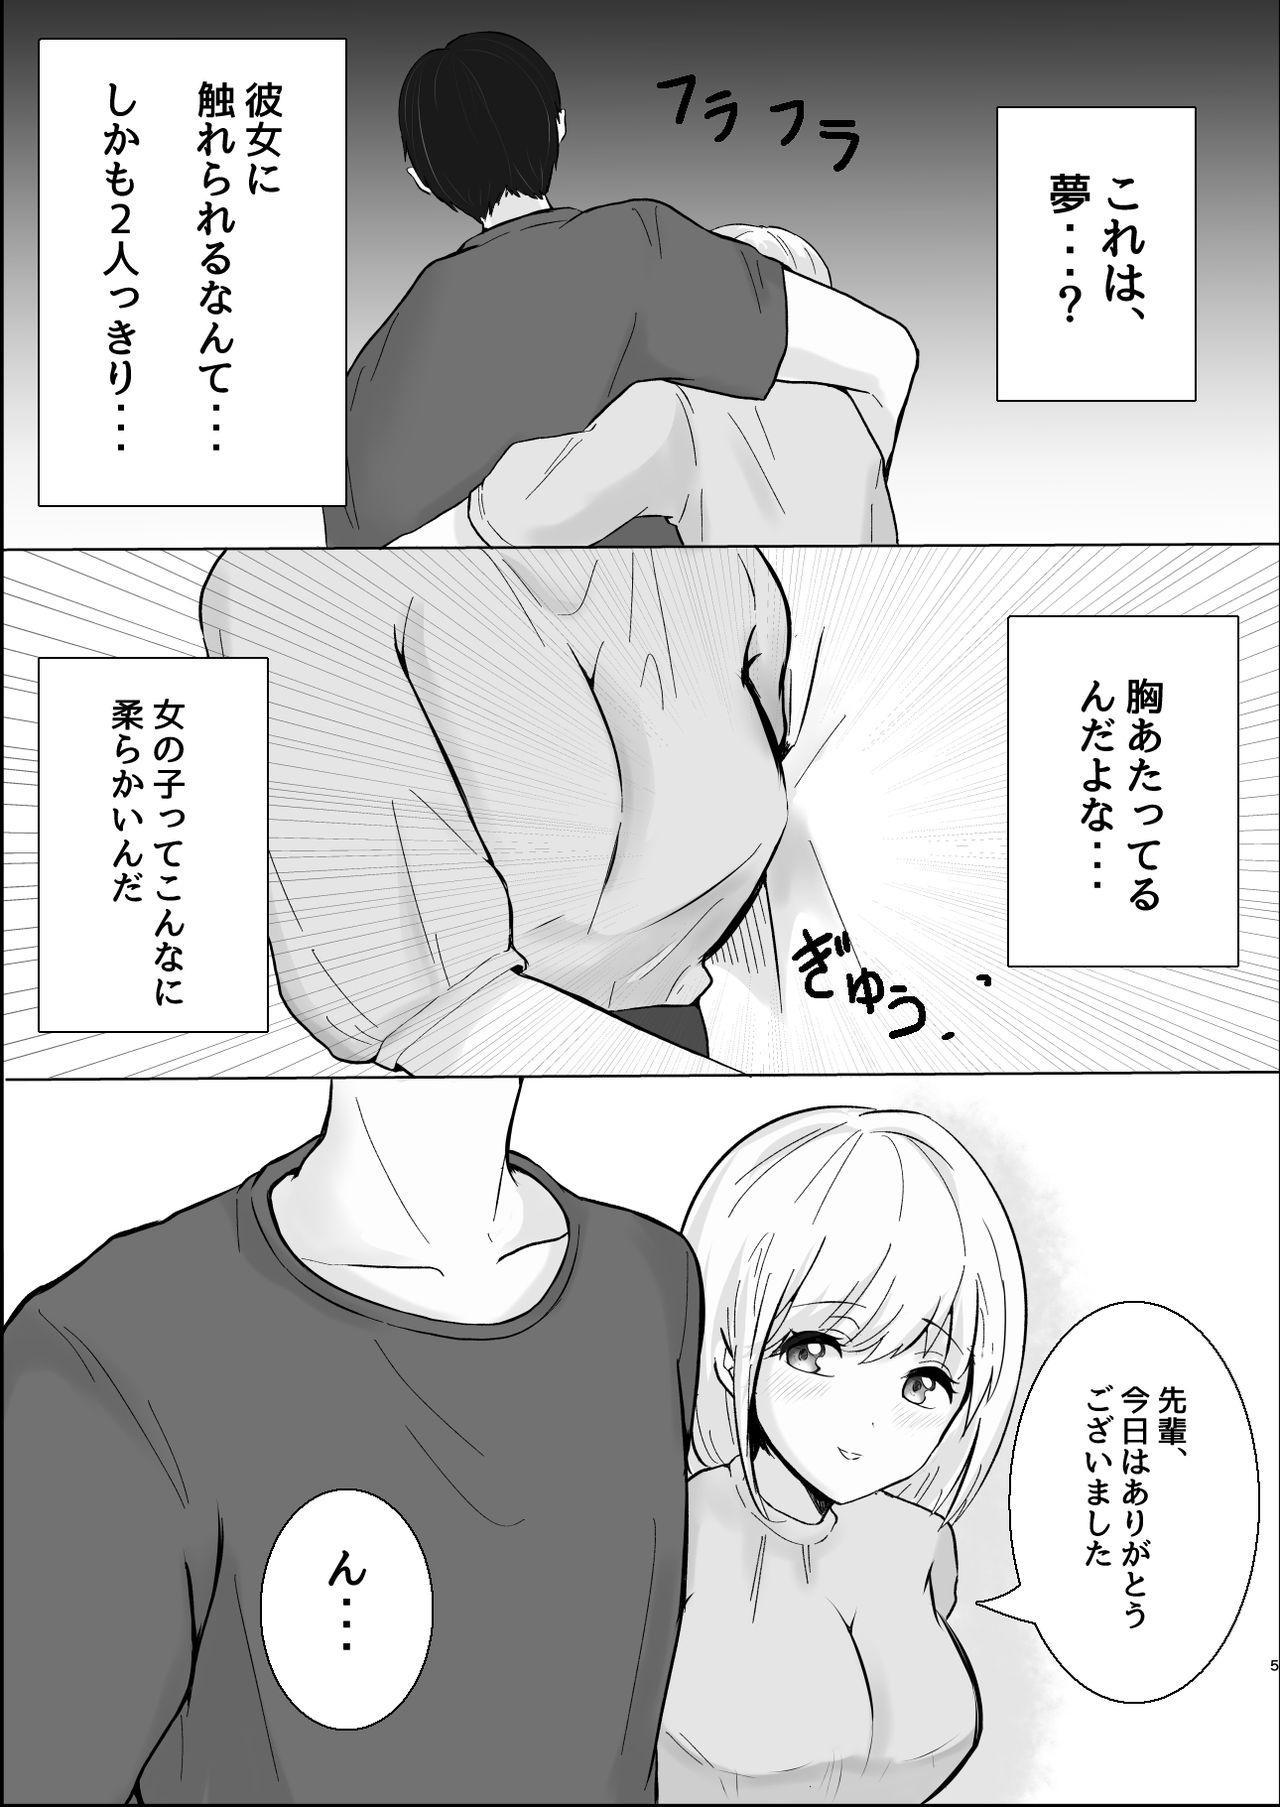 大人しい後輩に攻められイキ狂う話 5